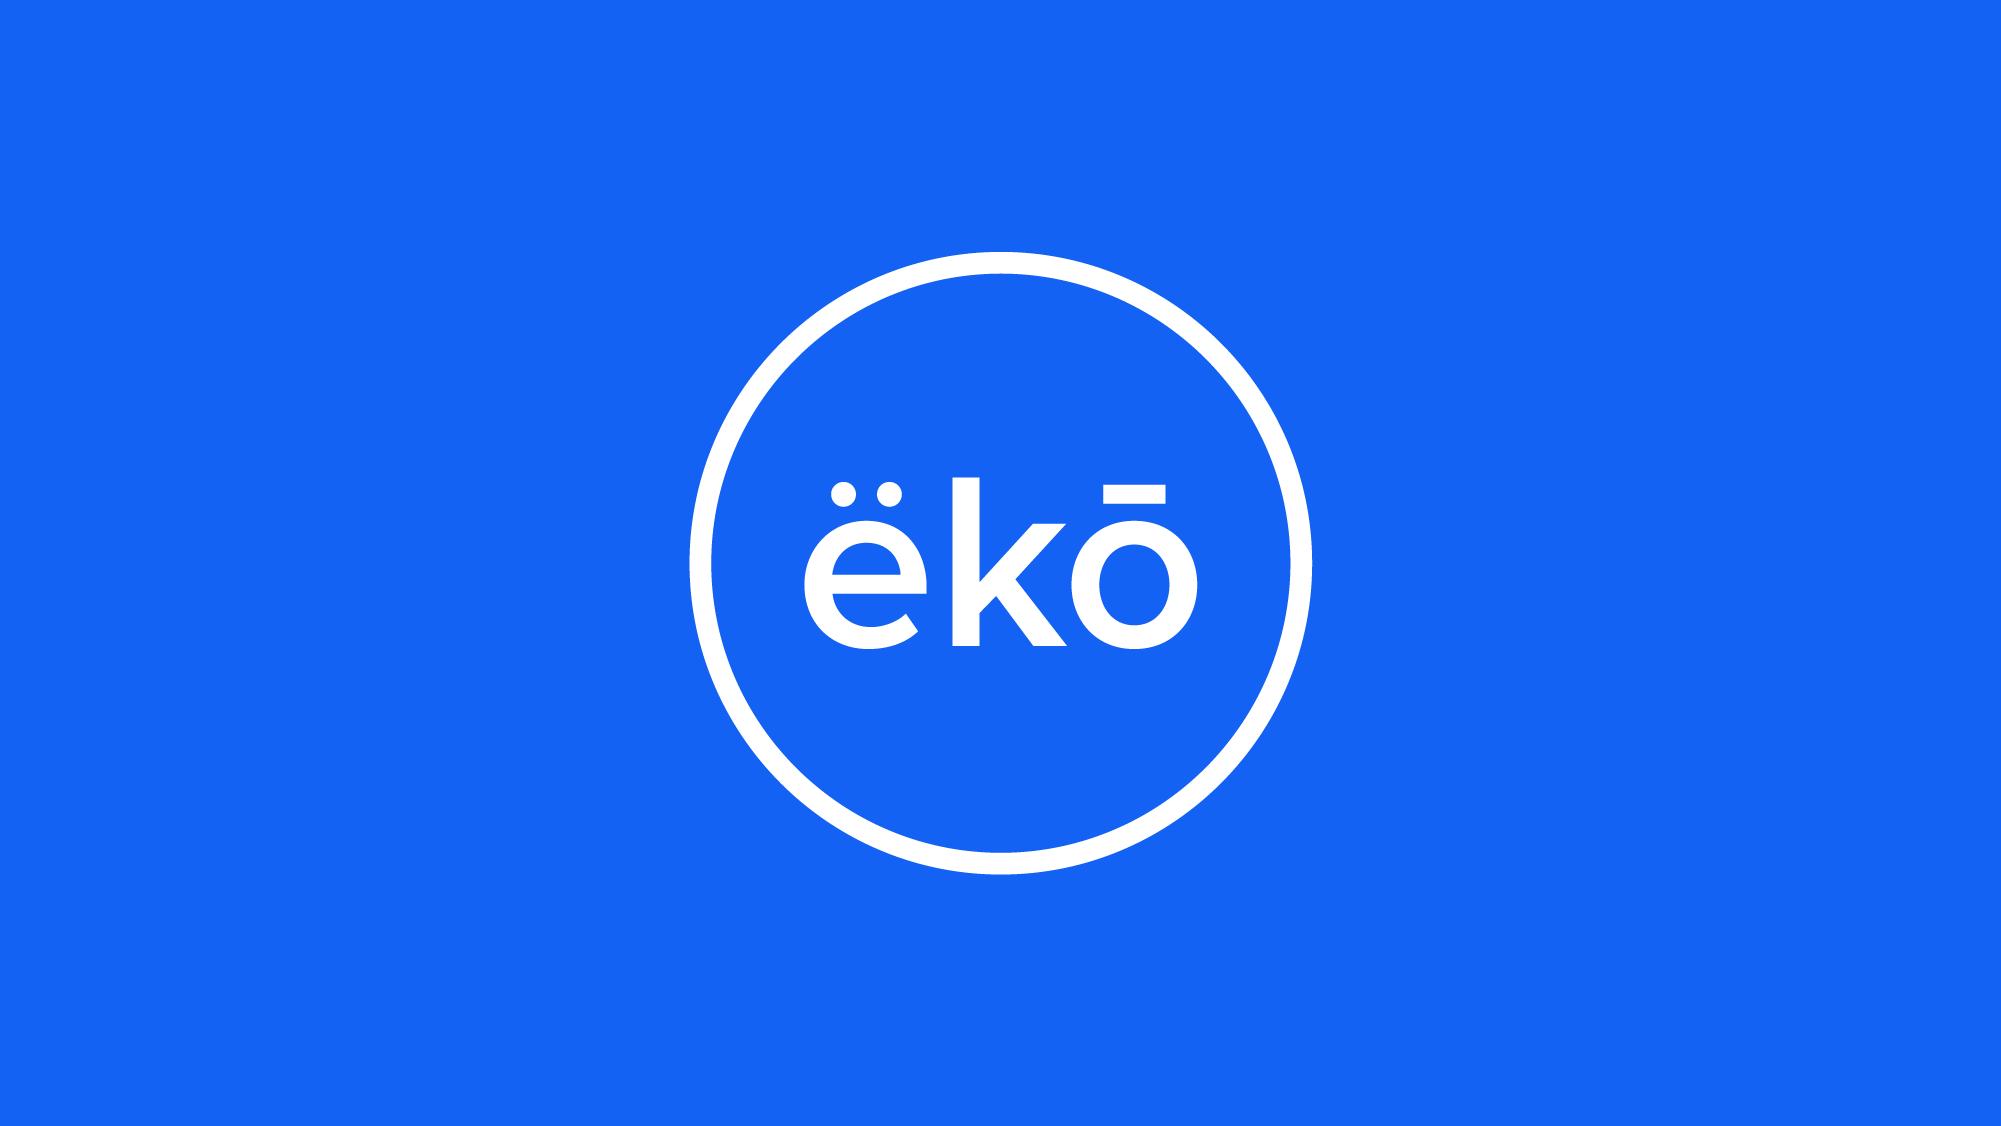 eko_LogoMark